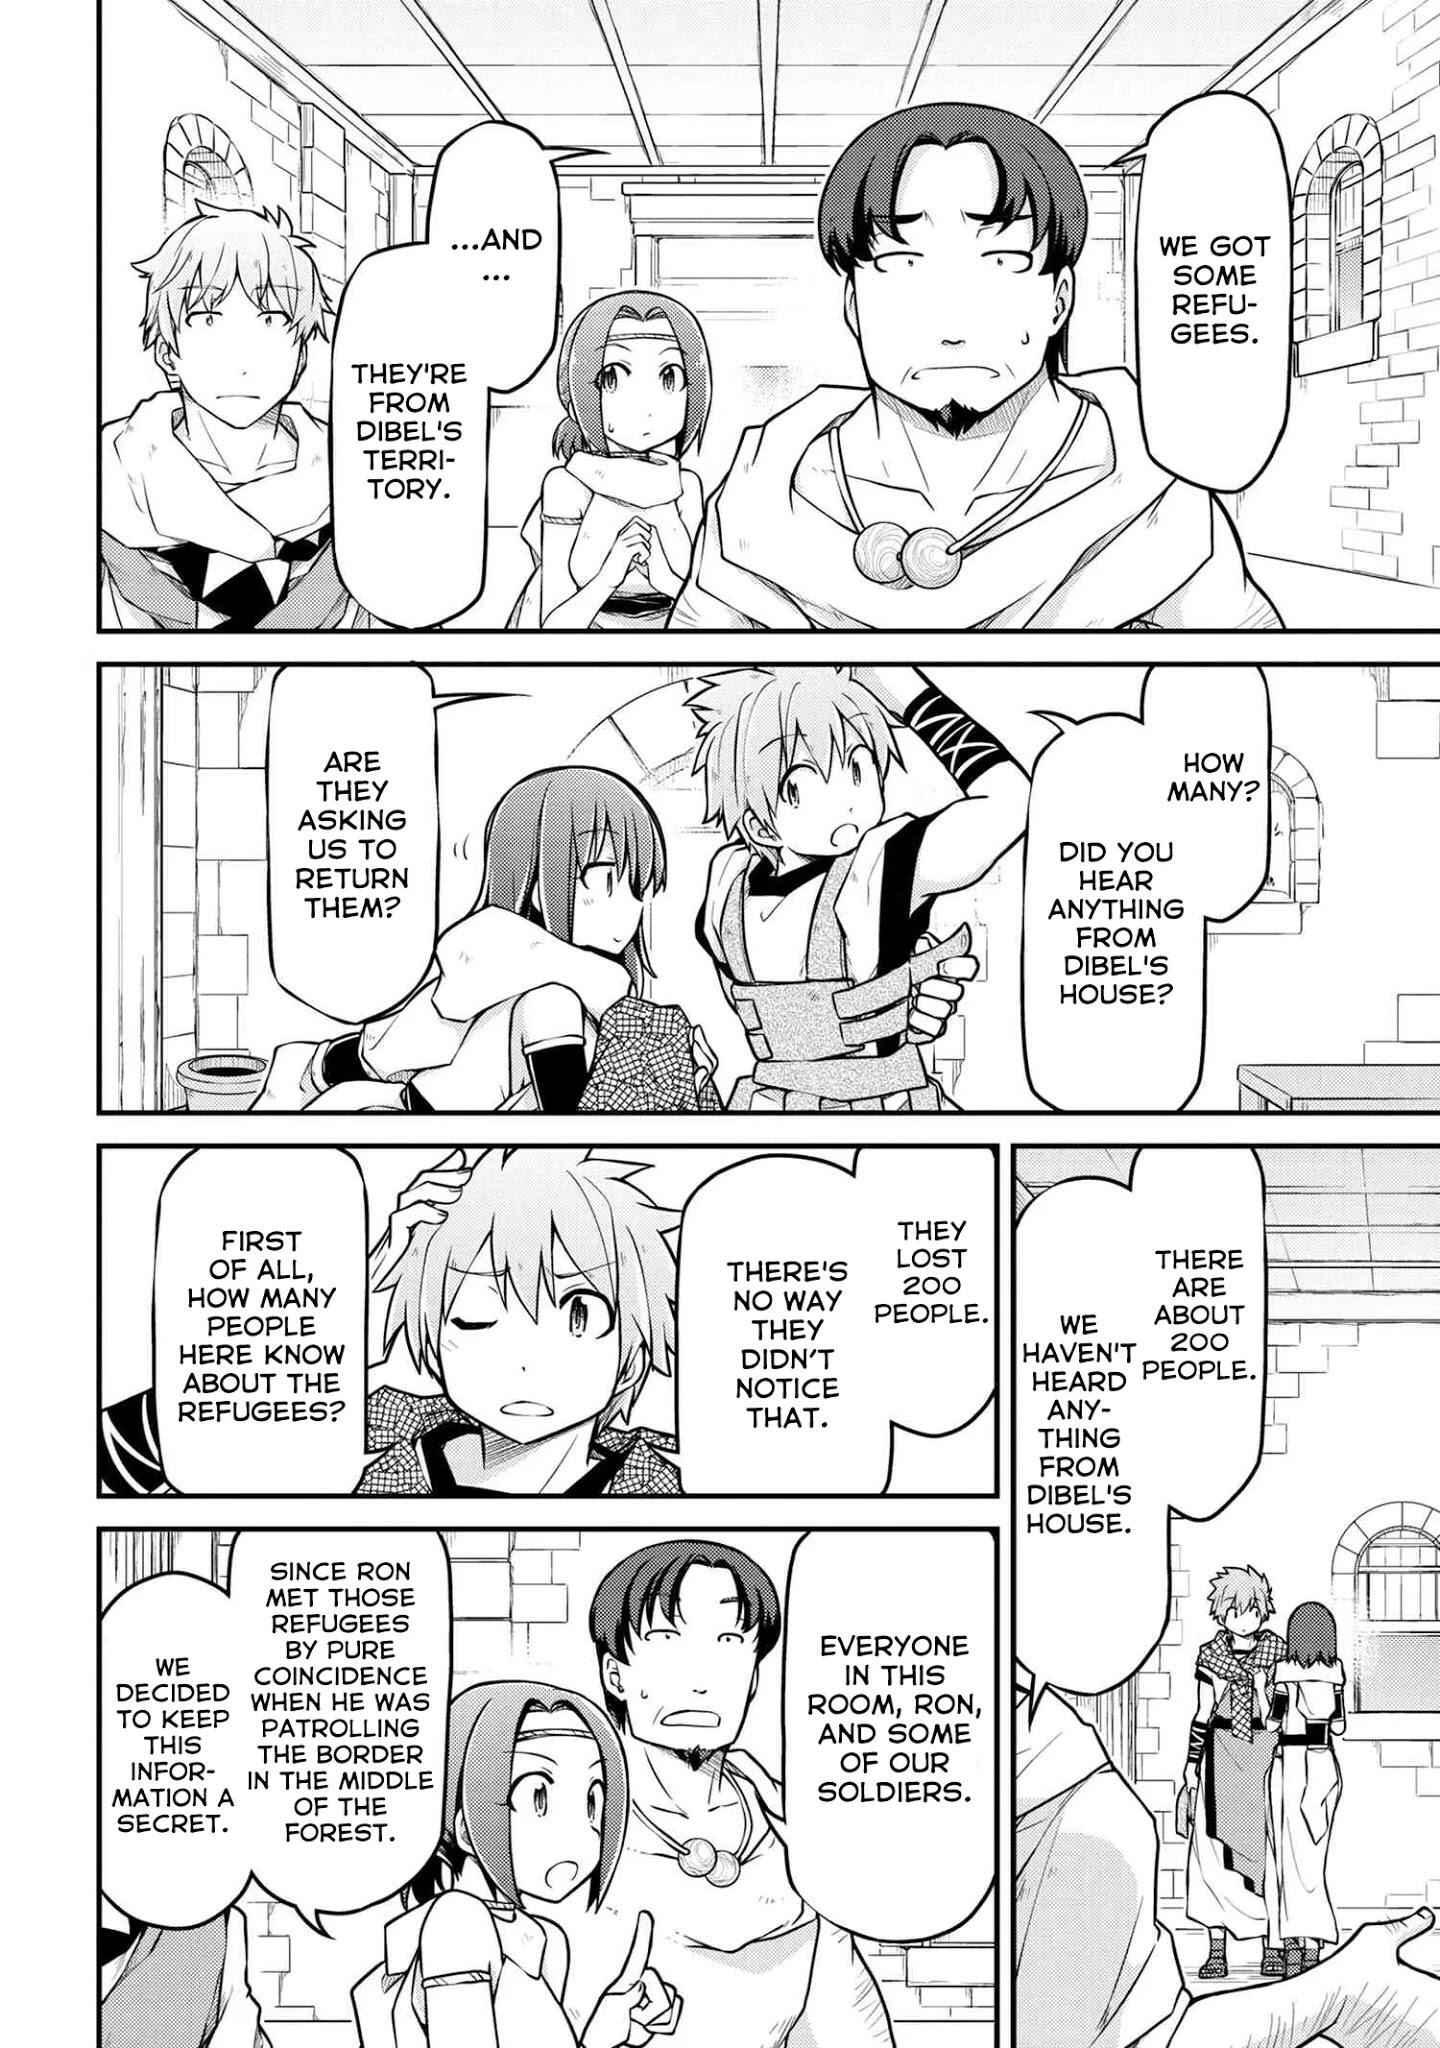 Isekai Kenkokuki - chapter 39.1-eng-li